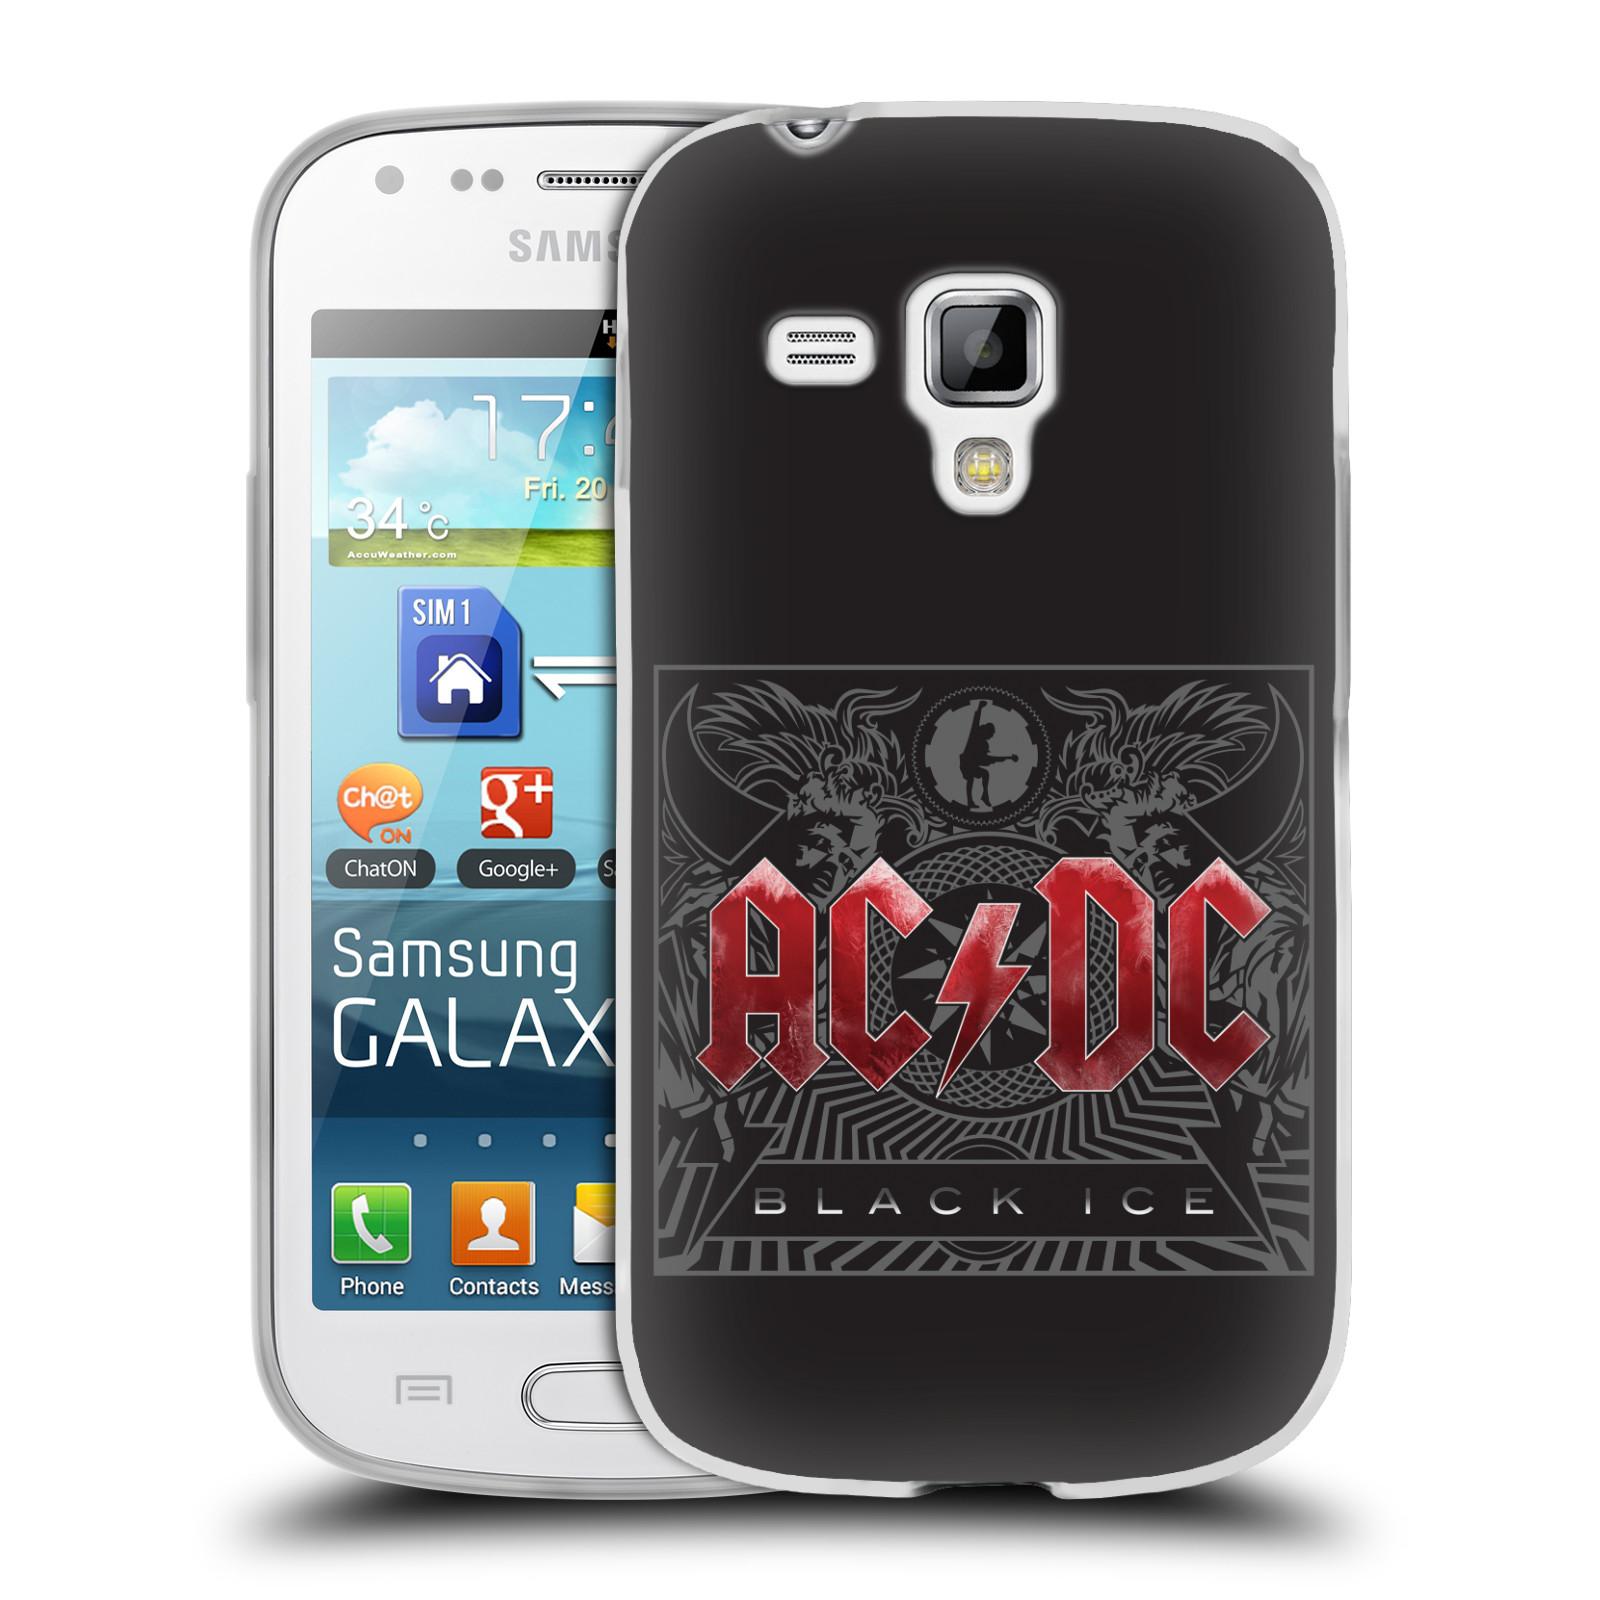 Silikonové pouzdro na mobil Samsung Galaxy S Duos HEAD CASE AC/DC Black Ice (Silikonový kryt či obal na mobilní telefon s oficiálním motivem australské skupiny AC/DC pro Samsung Galaxy S Duos GT-S7562)